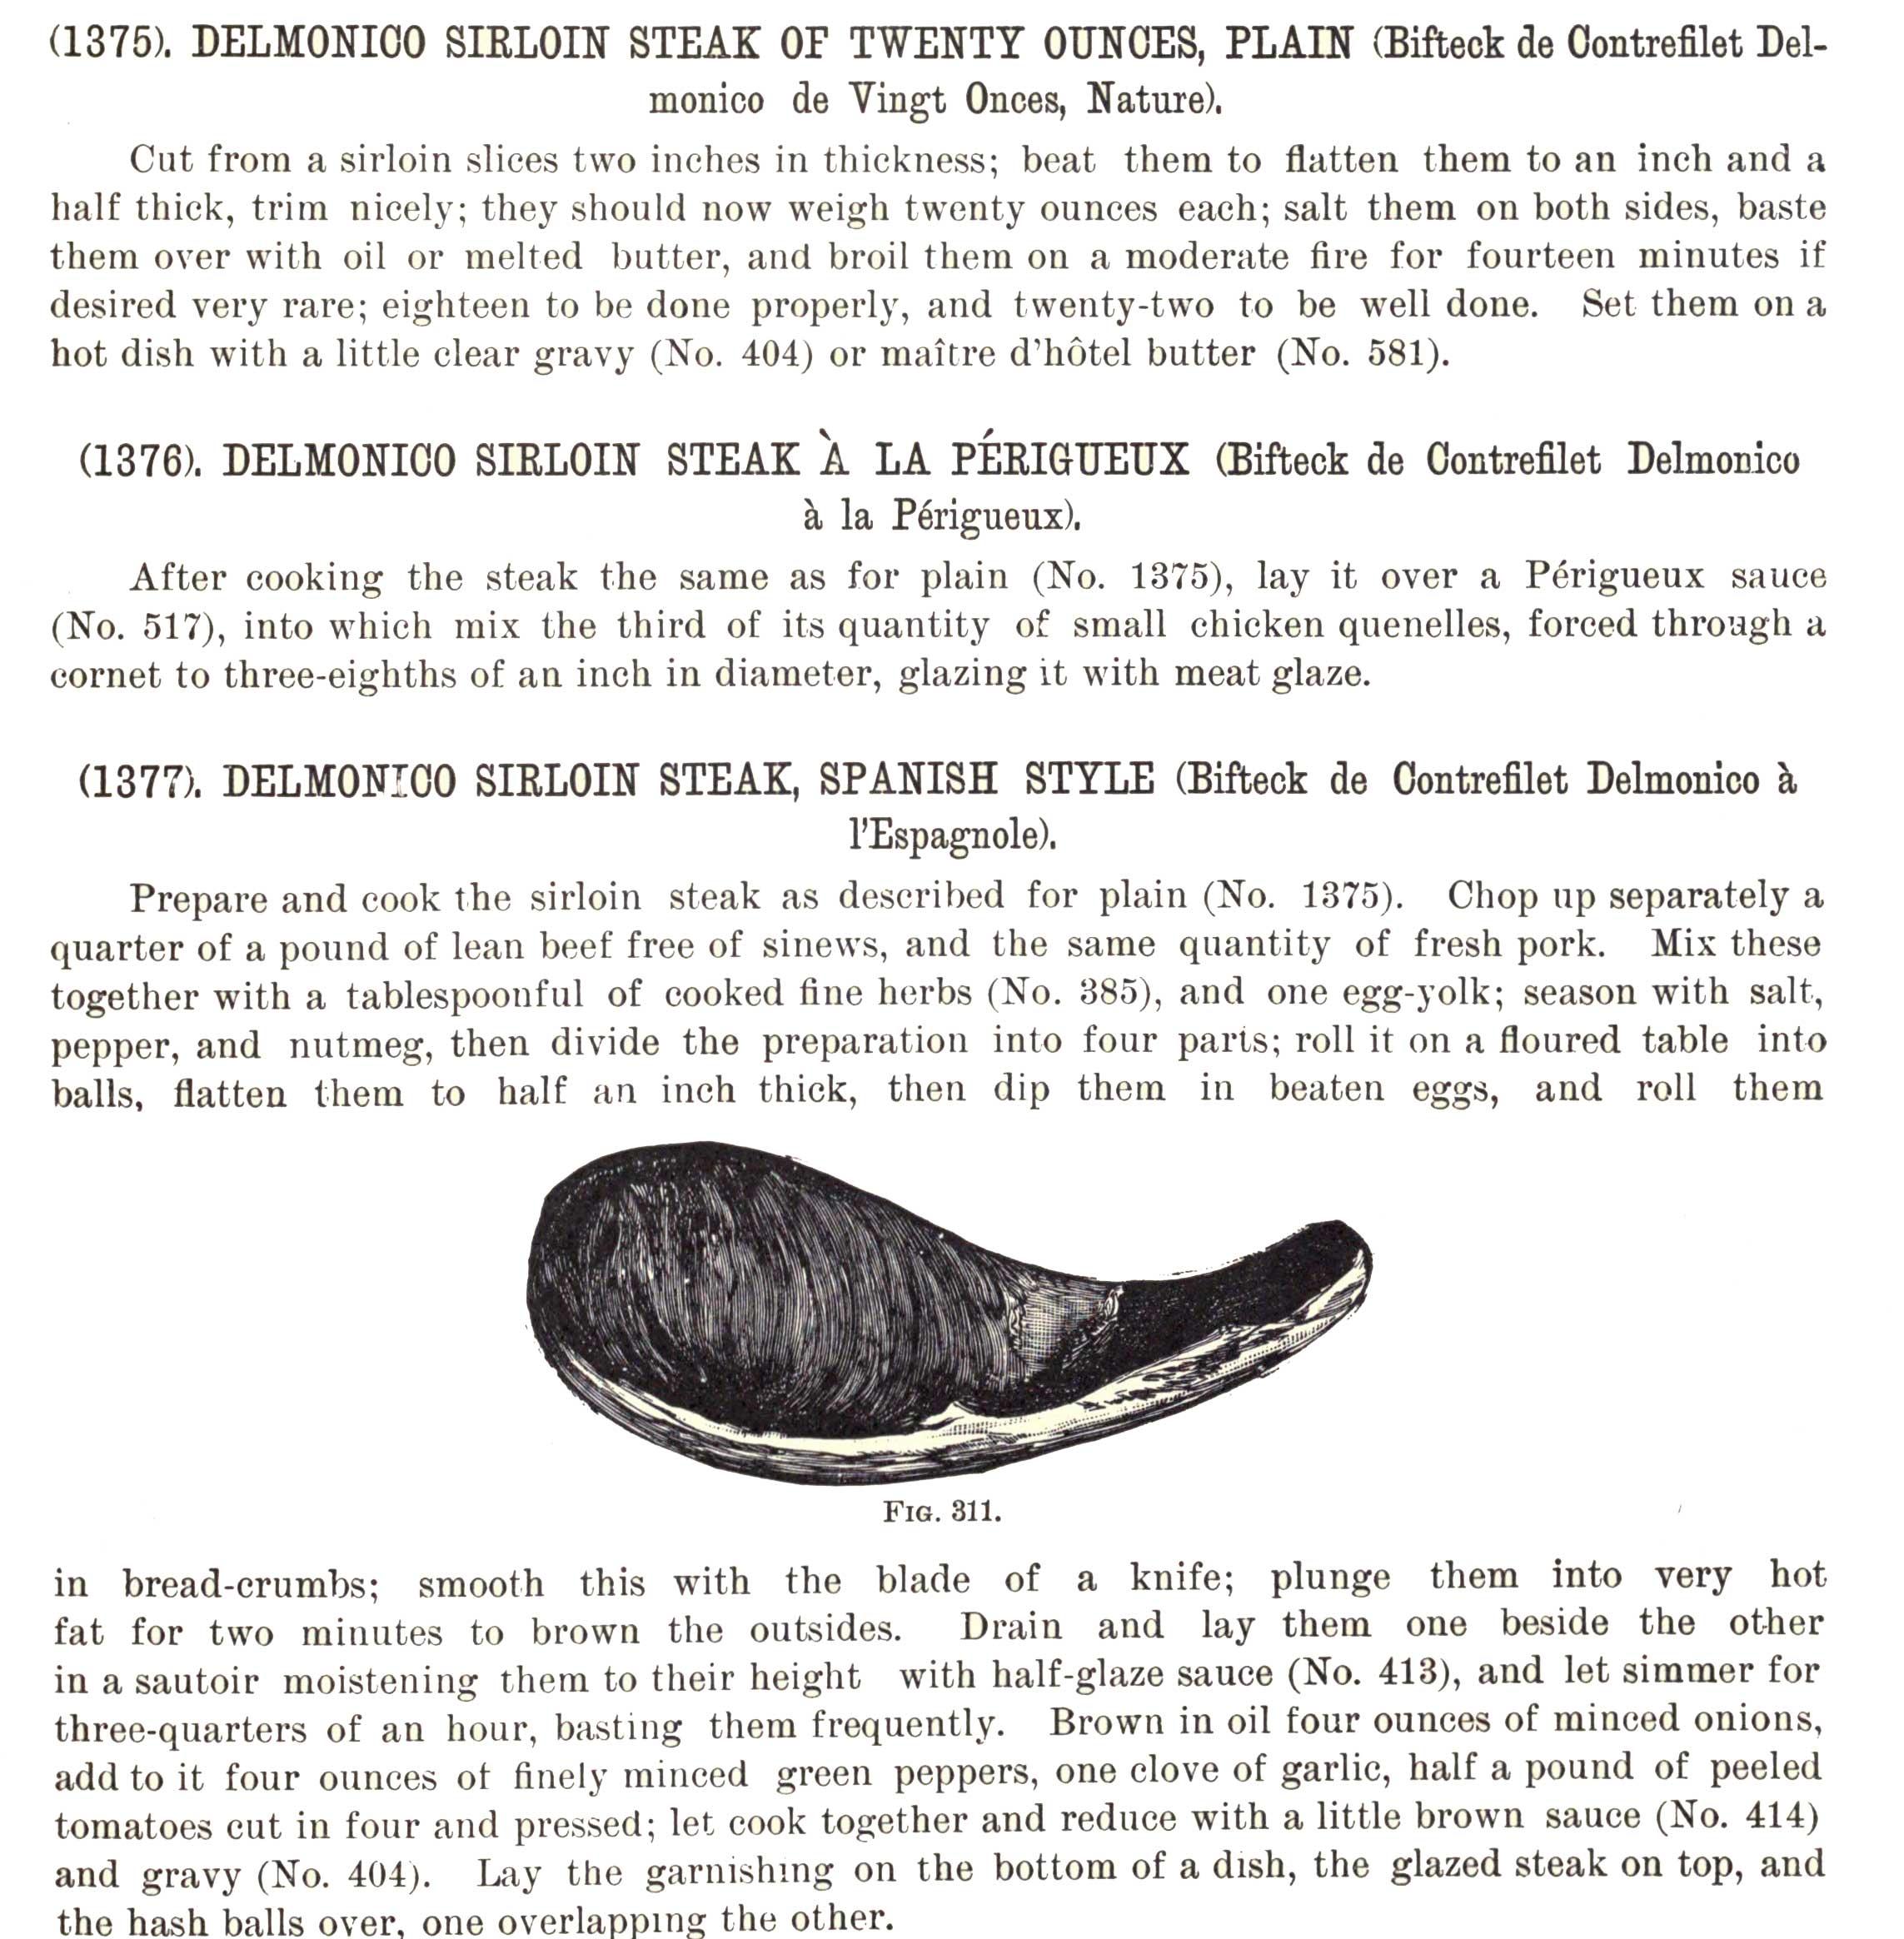 Delmonico large sirloin